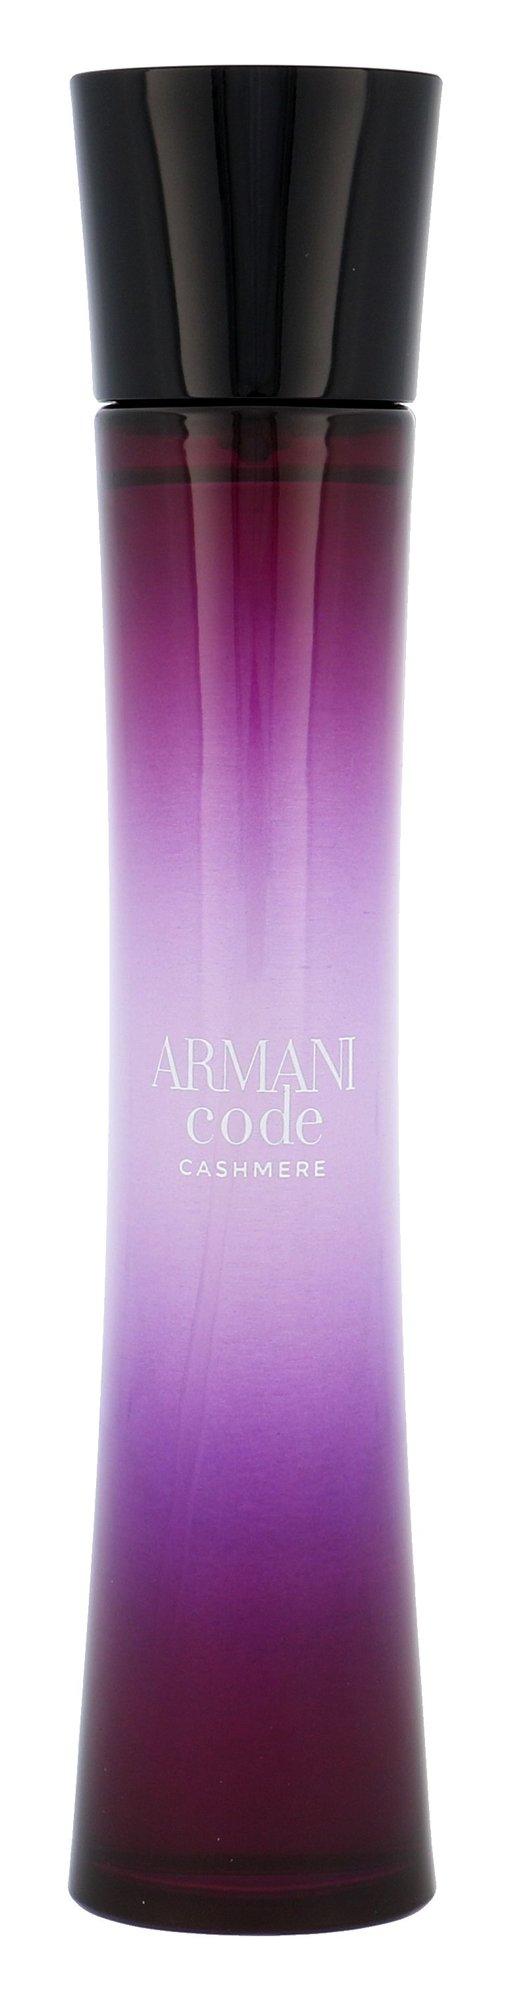 Giorgio Armani Code Cashmere EDT 75ml